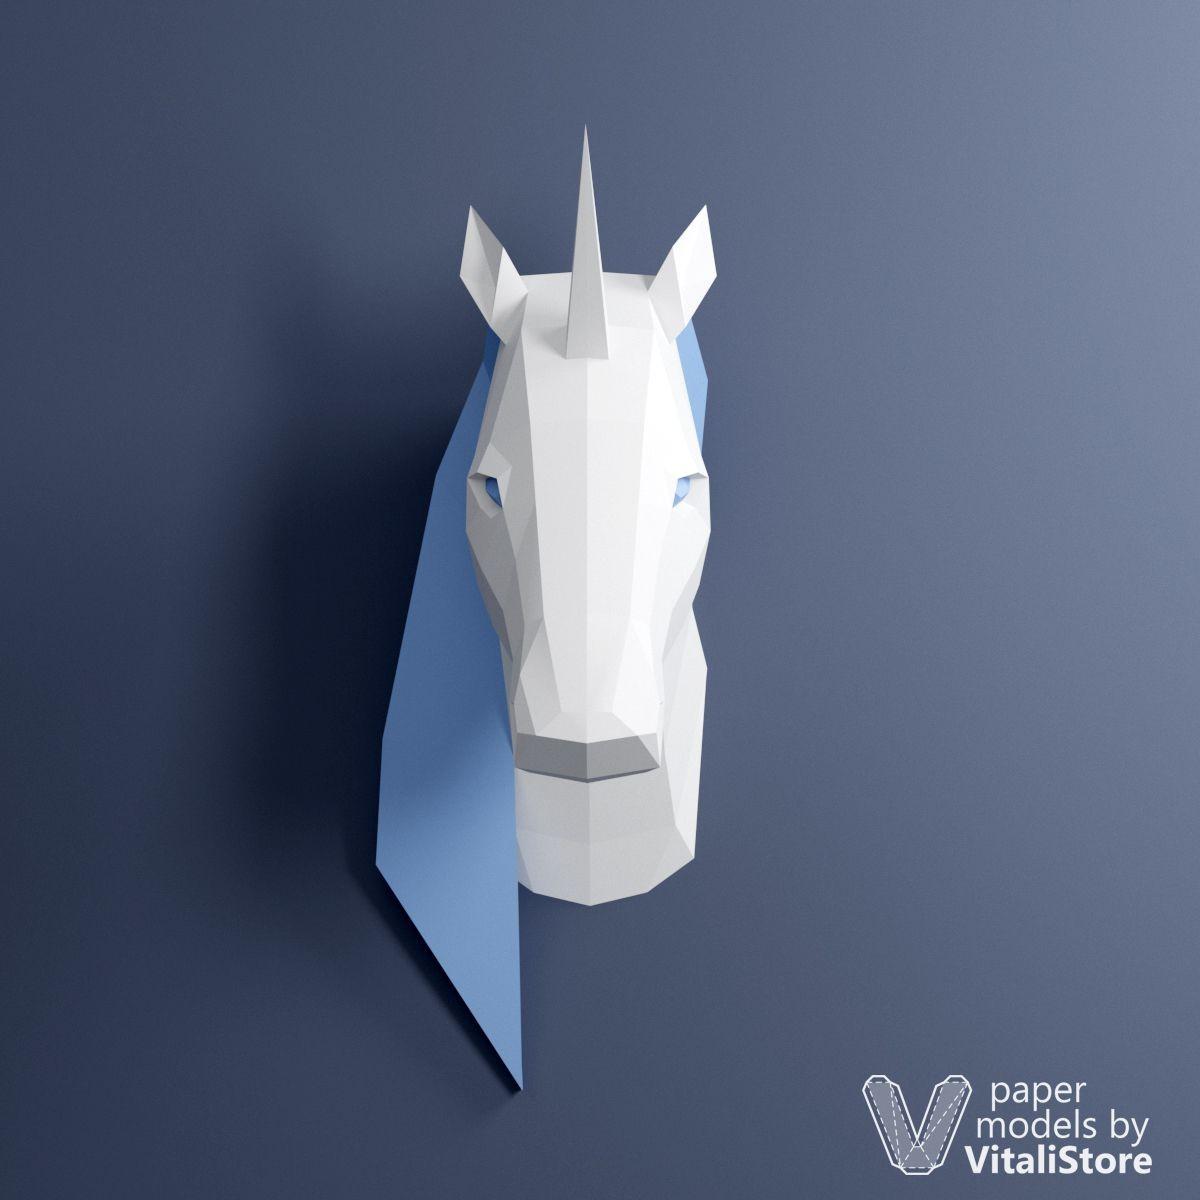 Model Papercraft Unicorn Papercraft 3d Paper Sculpture Wall Decor